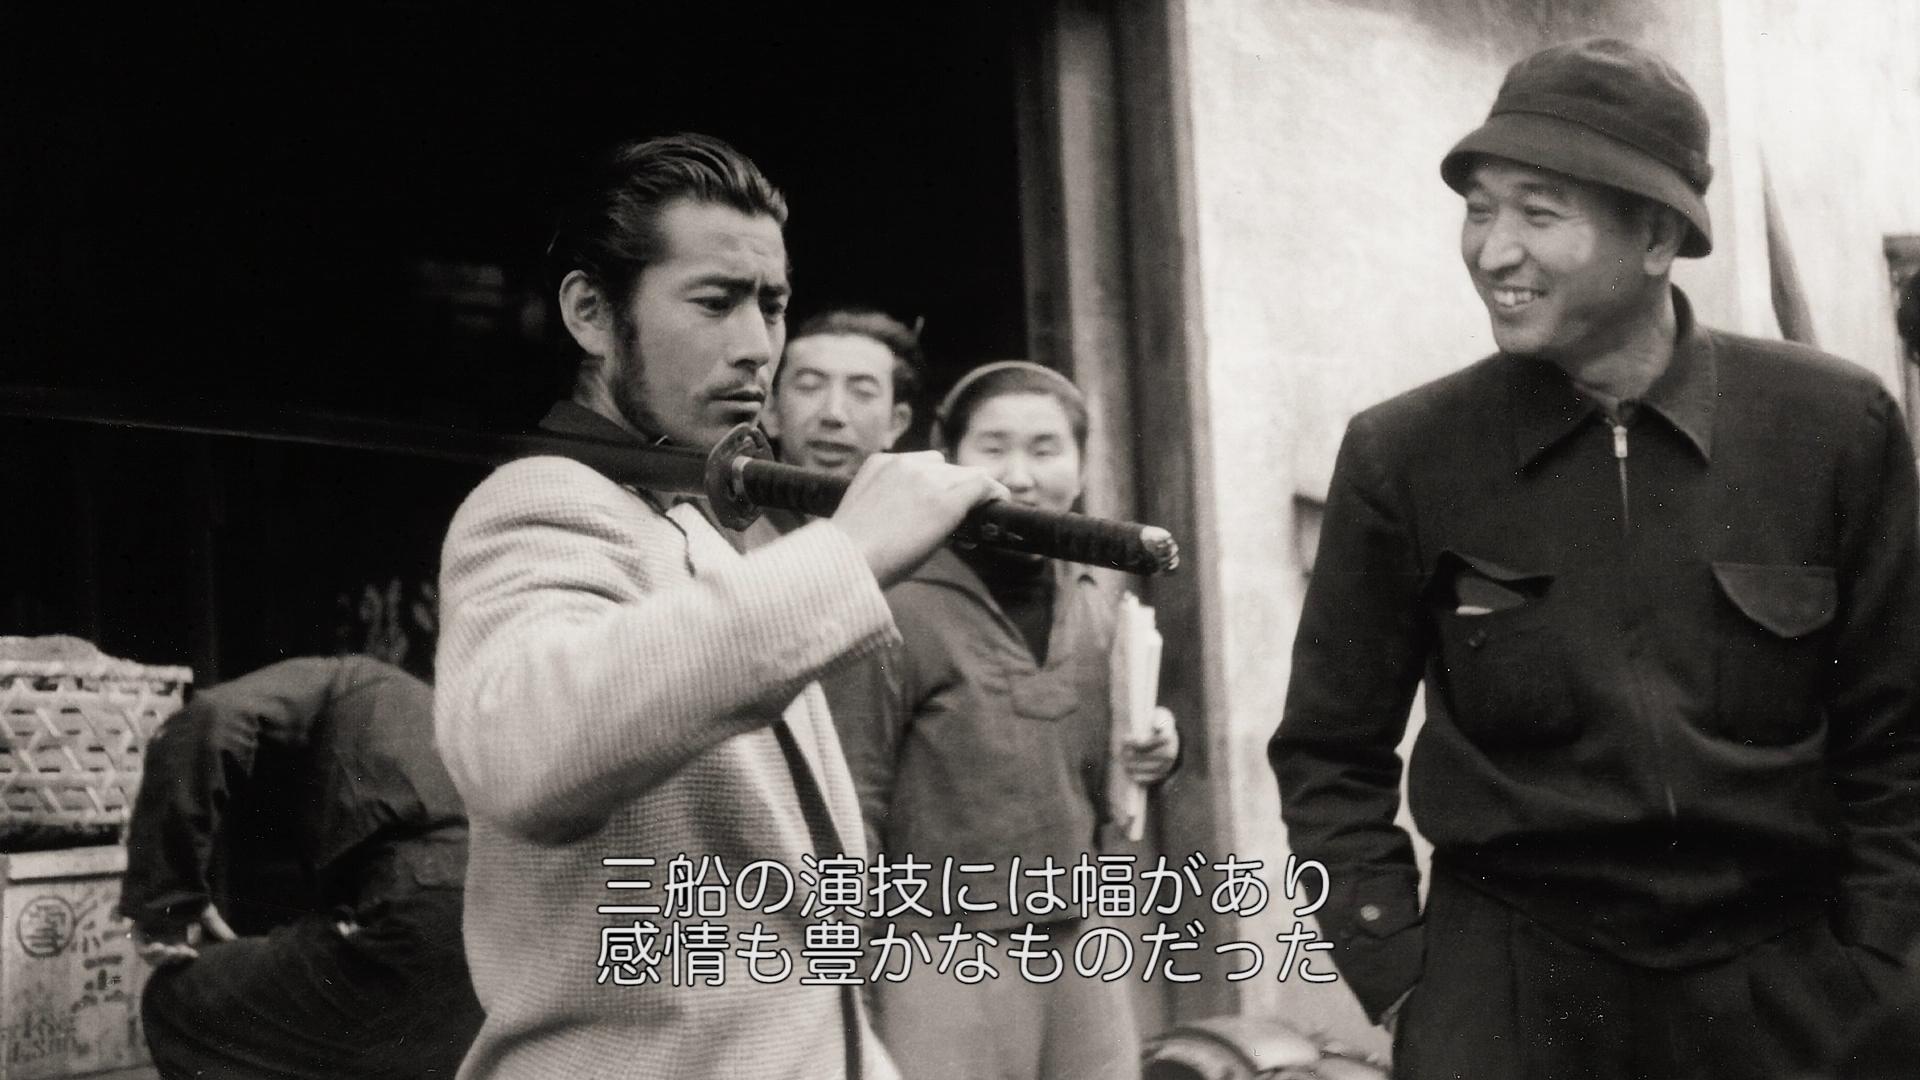 『MIFUNE』YOUTUBE予告編より 撮影の合間「隠し砦」?